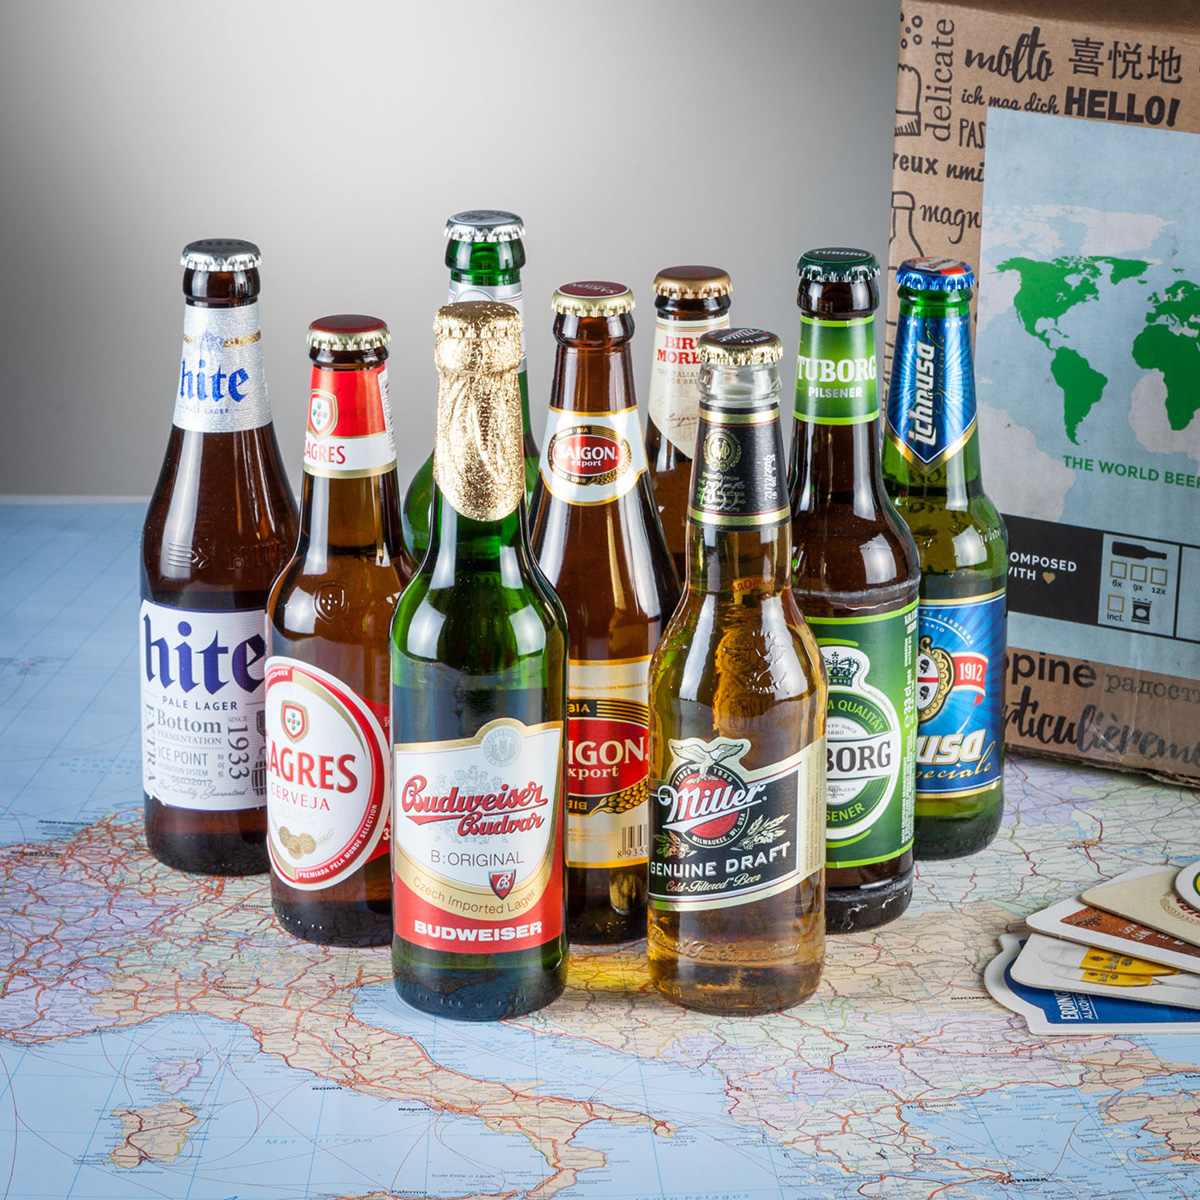 Birre Gift World Travel - Box da 9 bottiglie